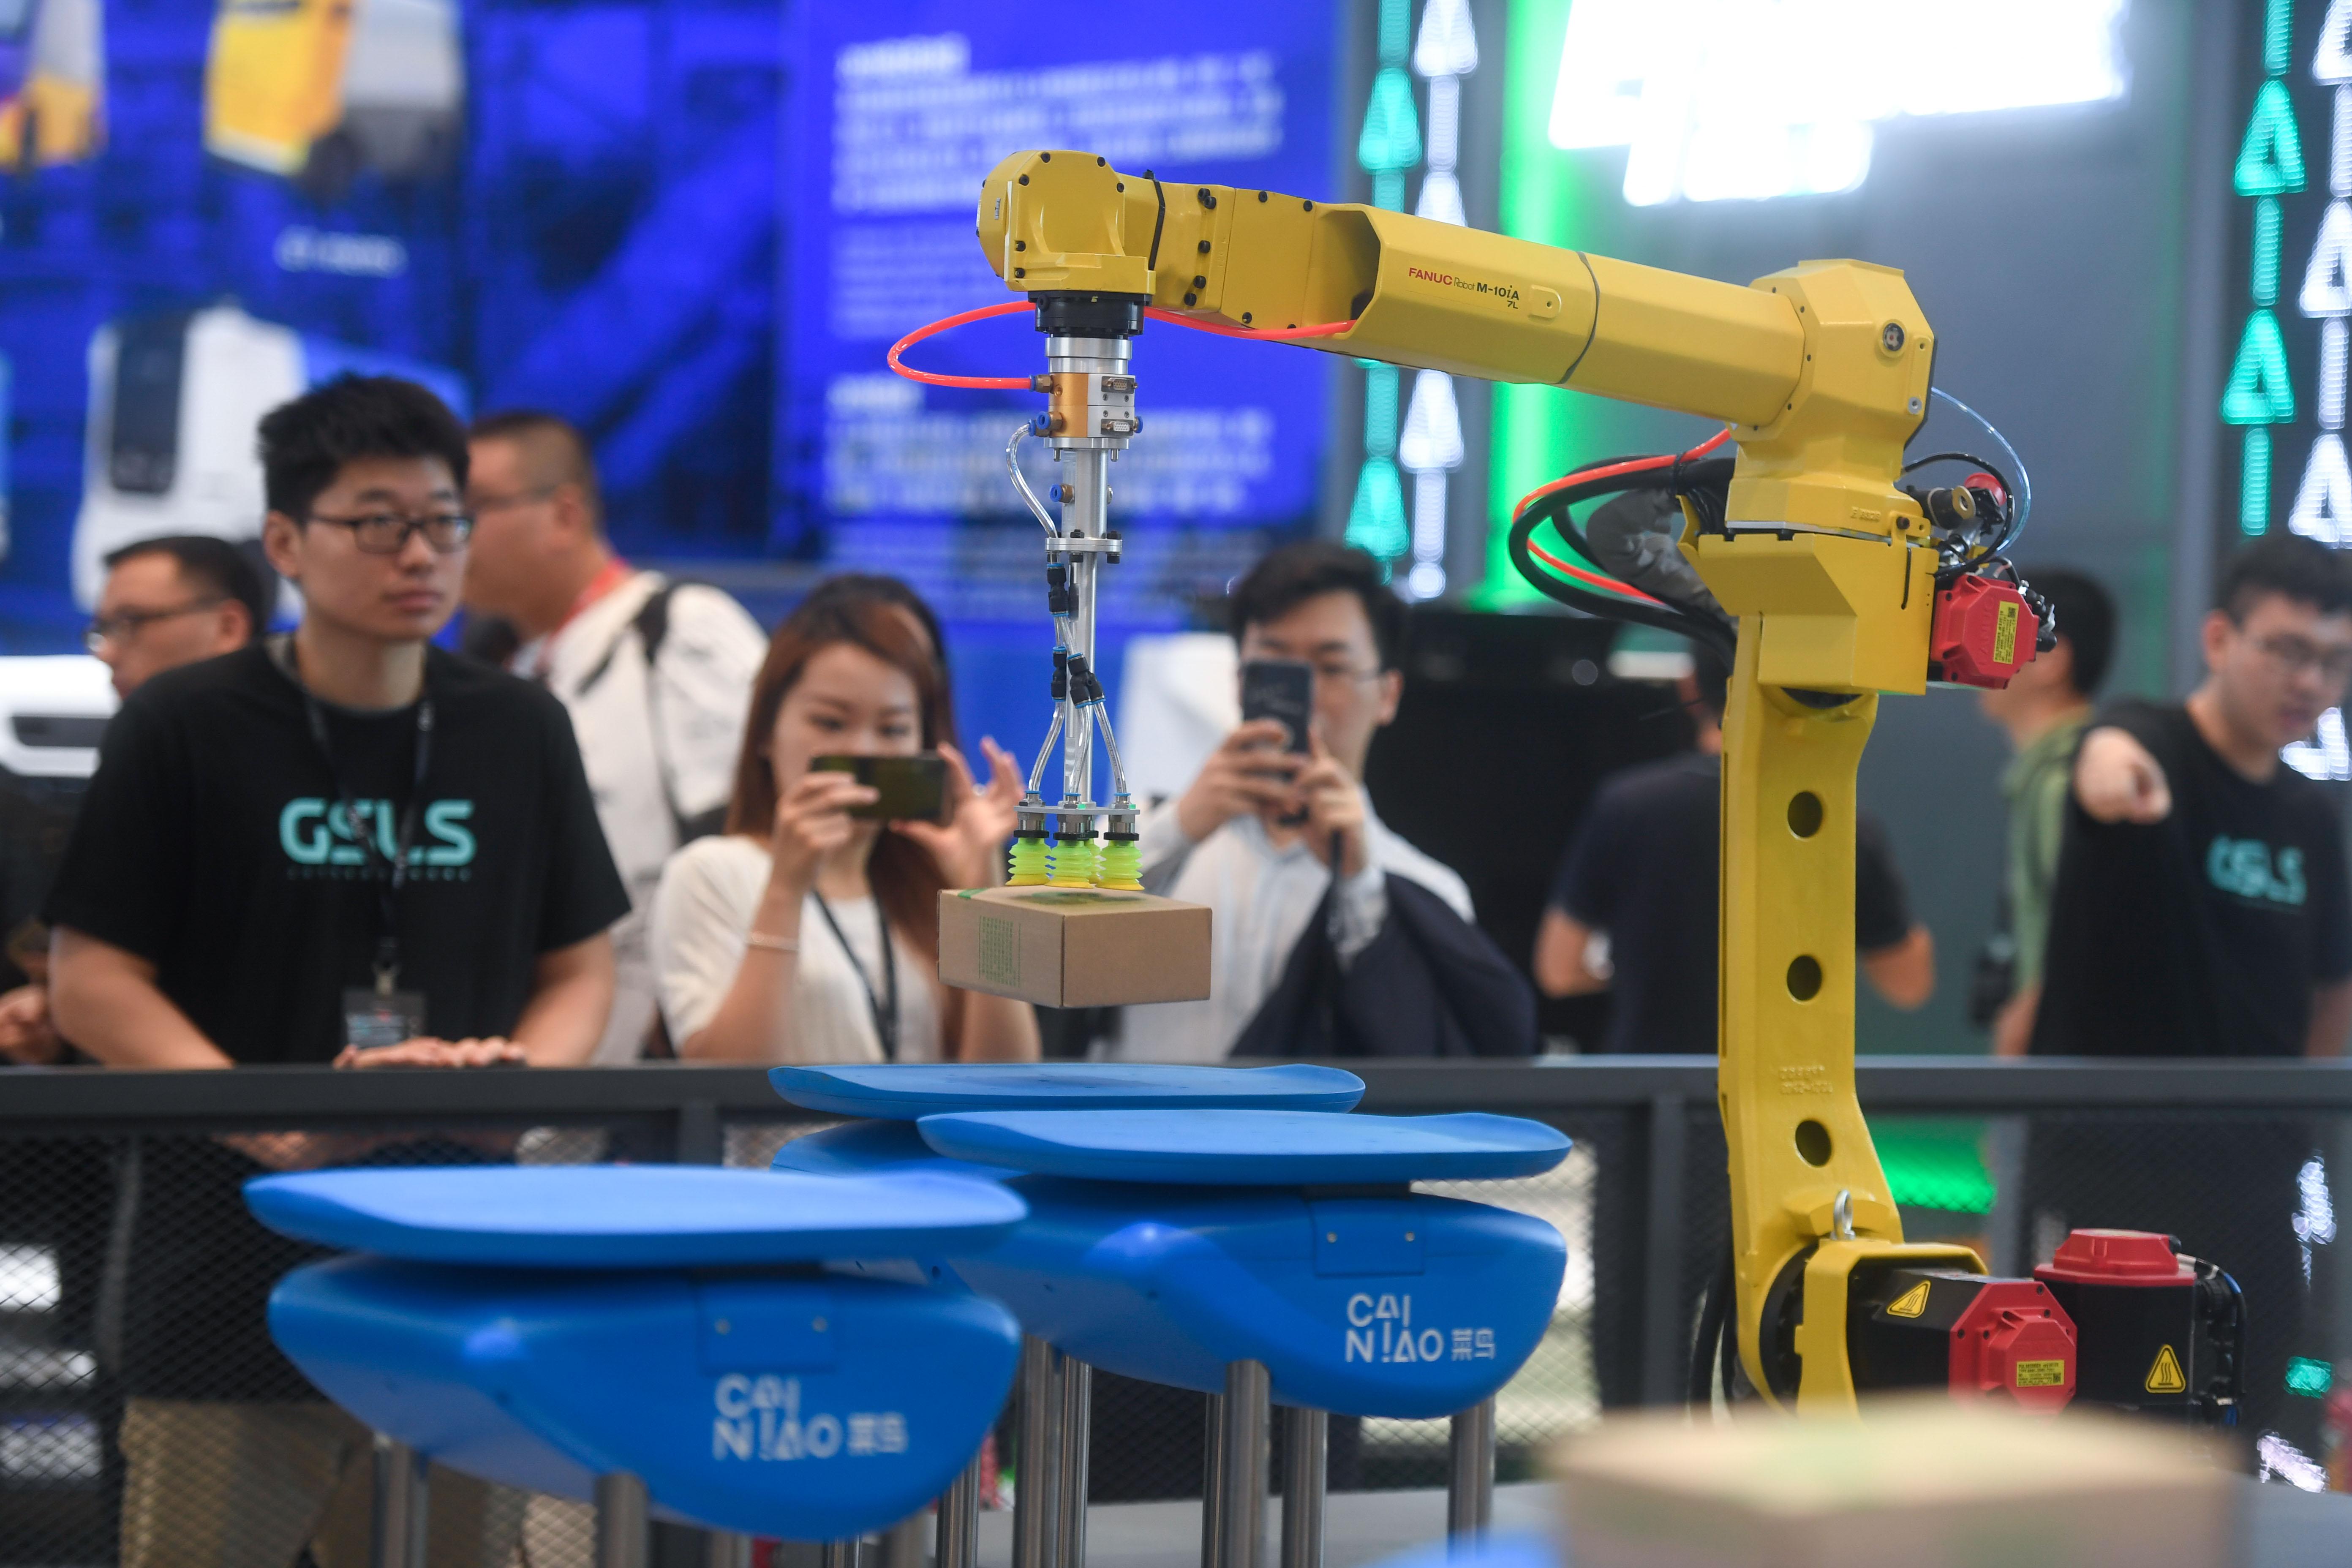 杭州举办2019全球智慧物流峰会